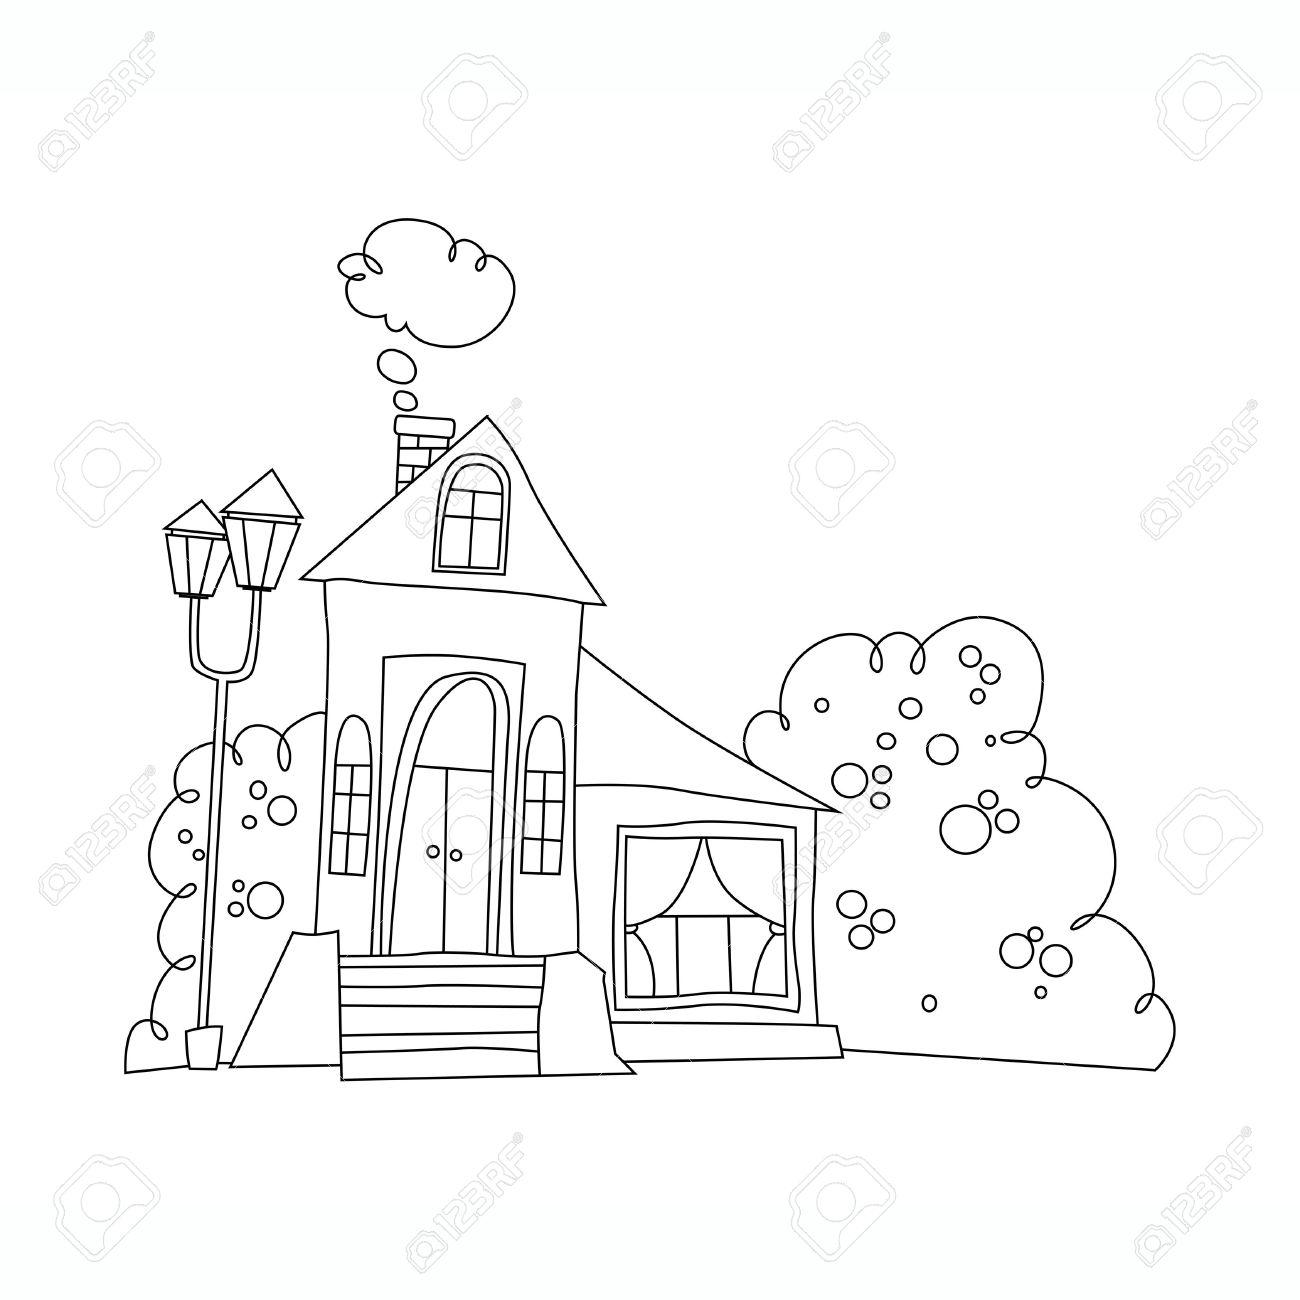 Ejemplo Blanco Y Negro De La Mansión Casa En Estilo De Dibujos